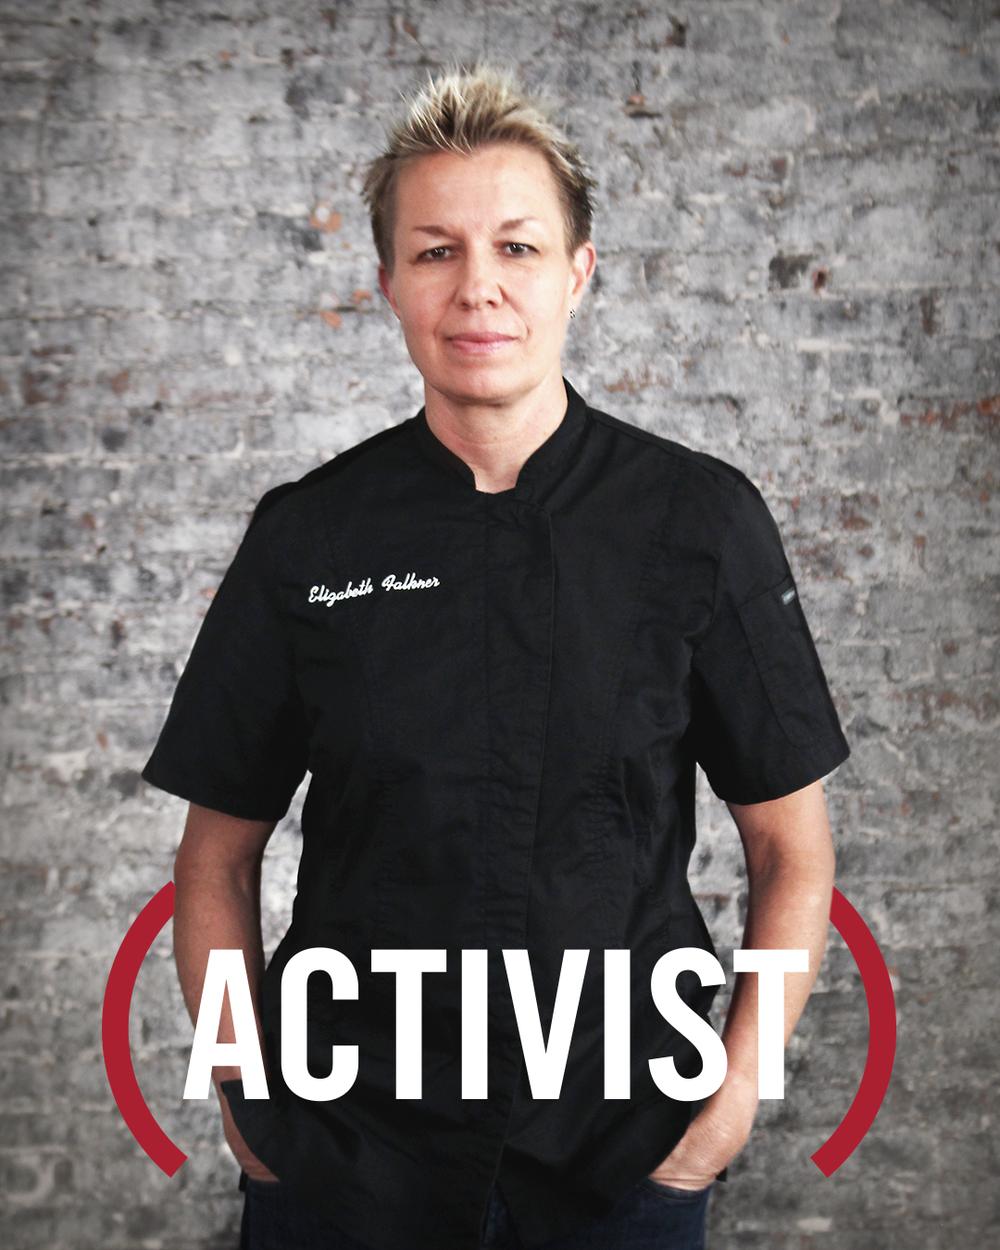 Activist-Portrait_Elizabeth.png